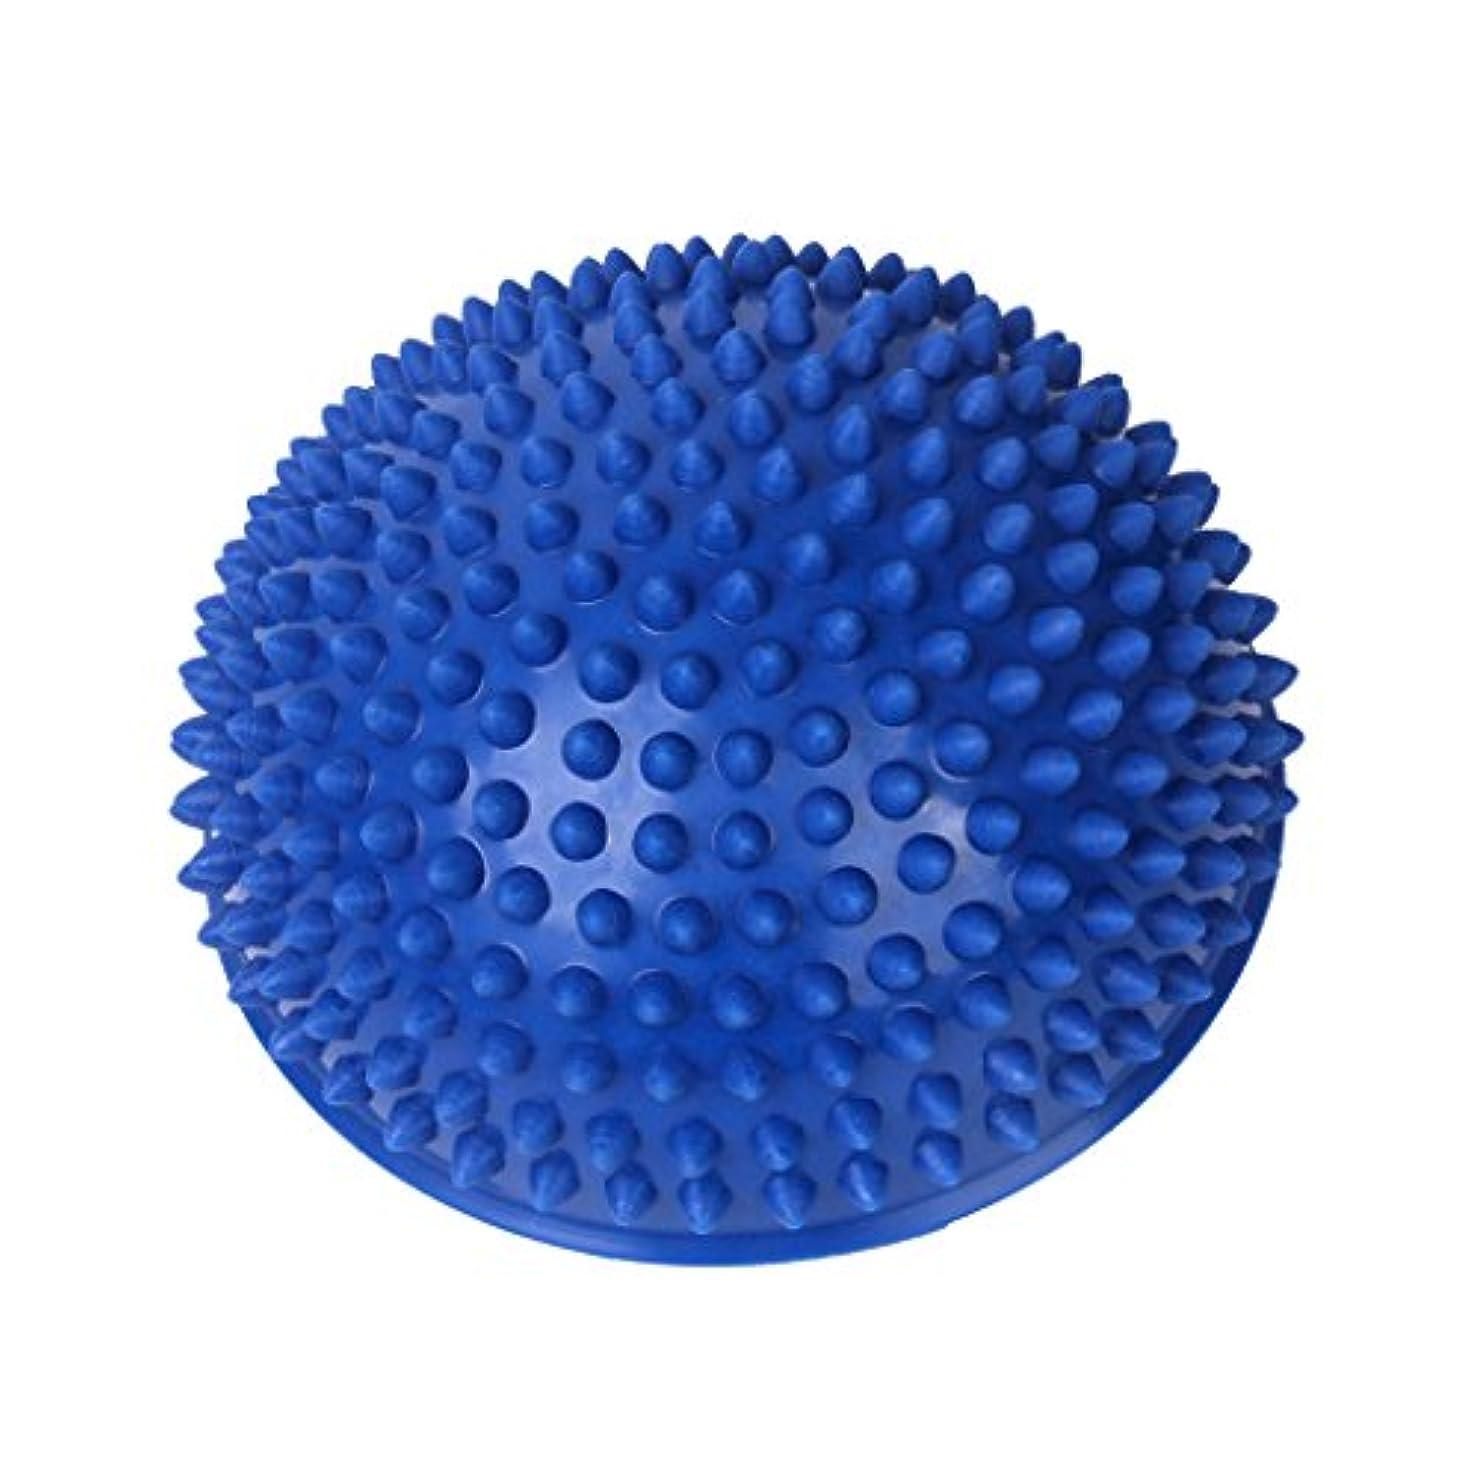 羨望にランダムFootful マッサージボール 半球 健康グッズ 健康器具 血液循環促進 緊張緩和 ブルー